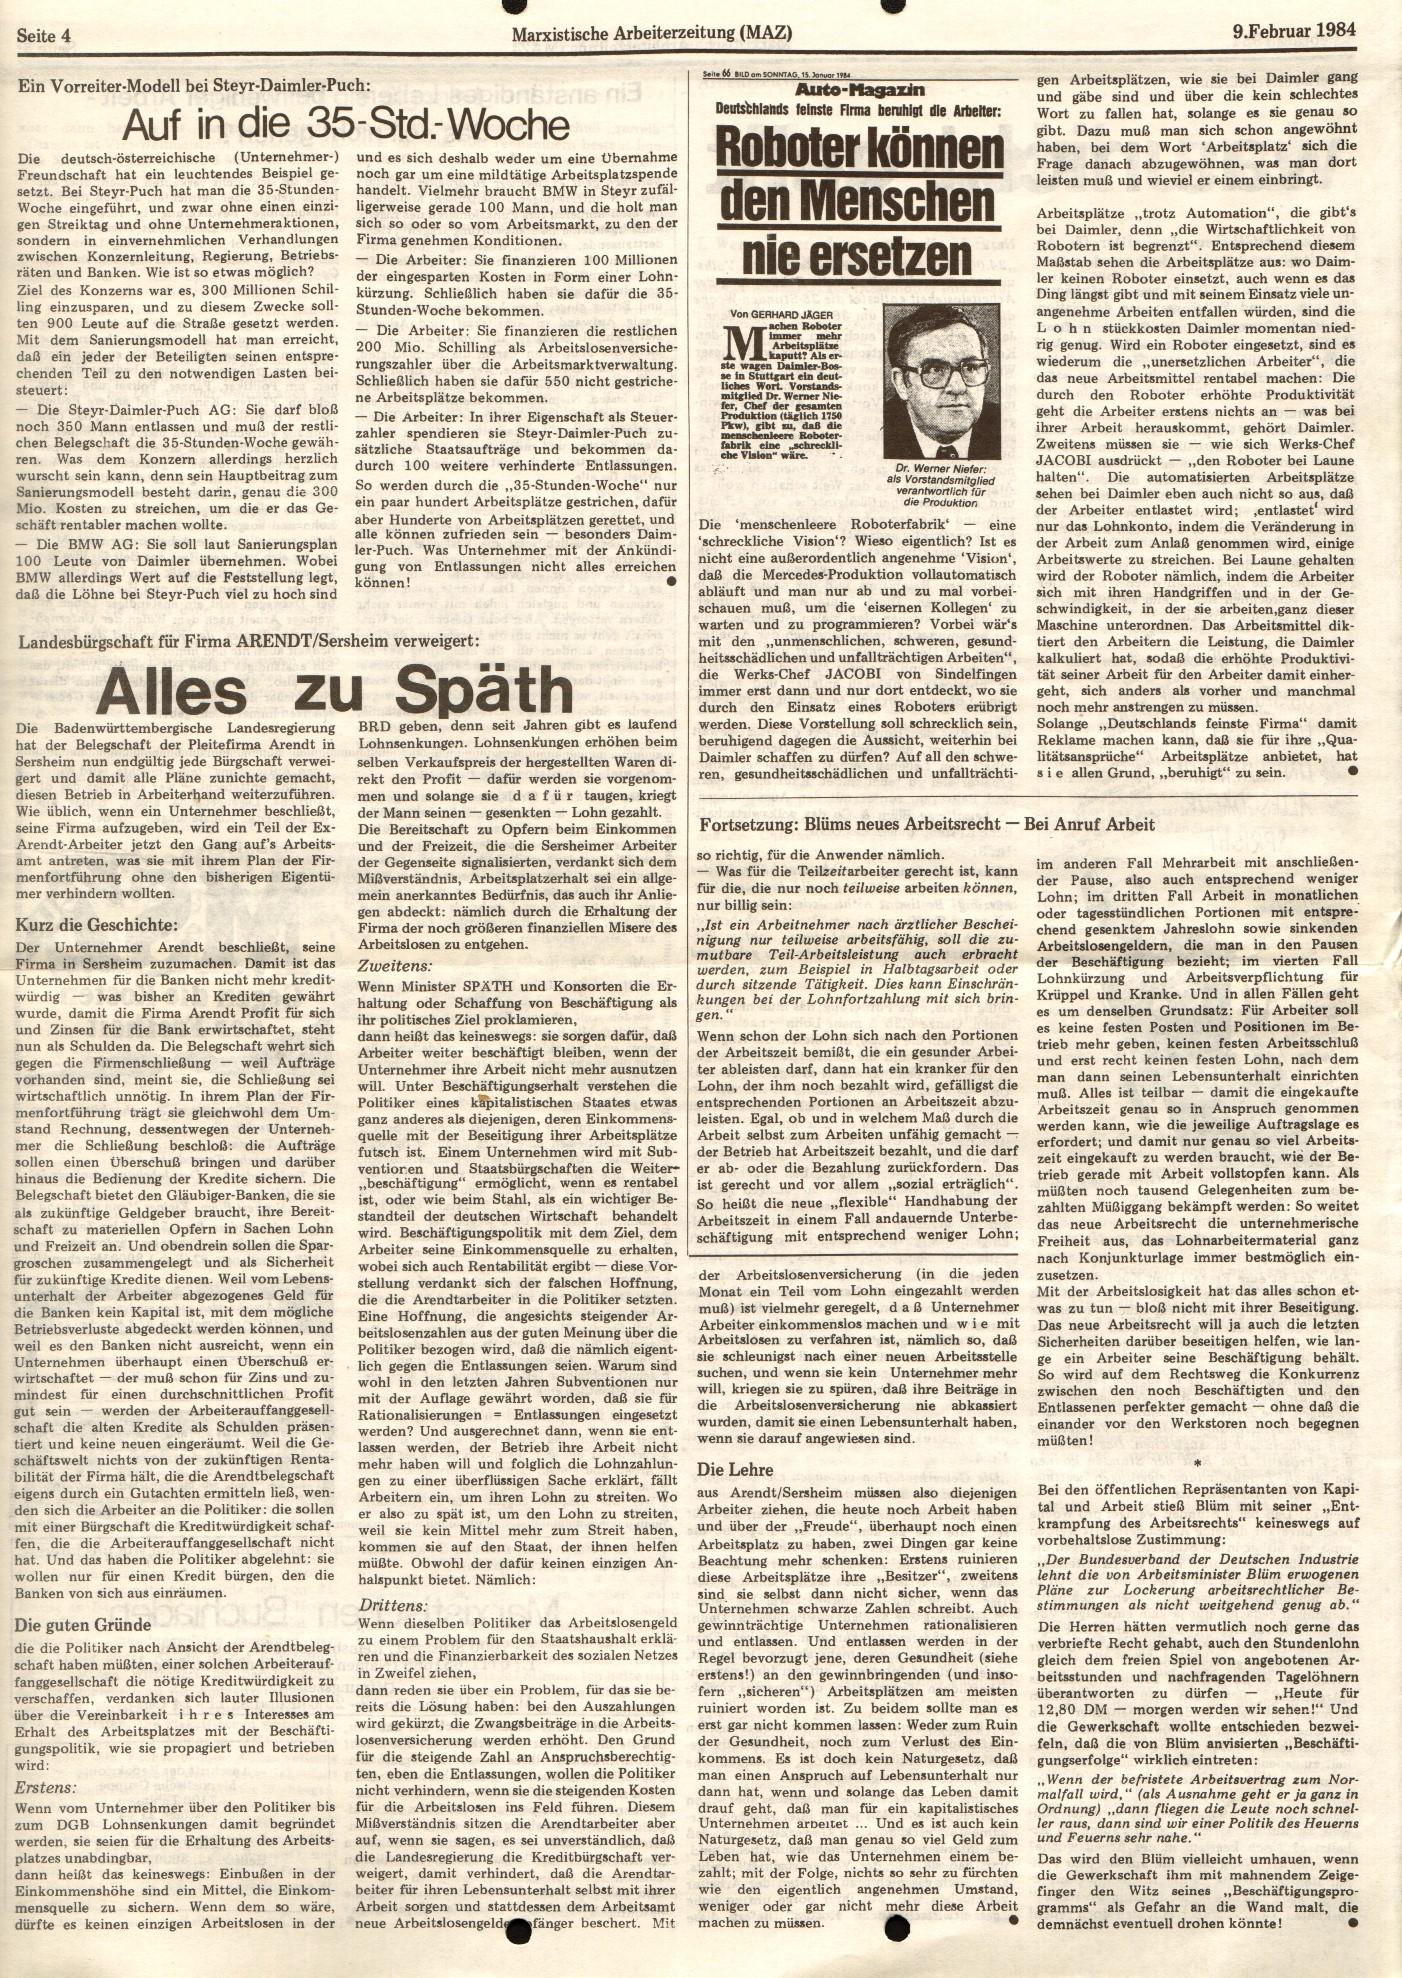 BW_MG_Marxistische_Arbeiterzeitung_19840209_04